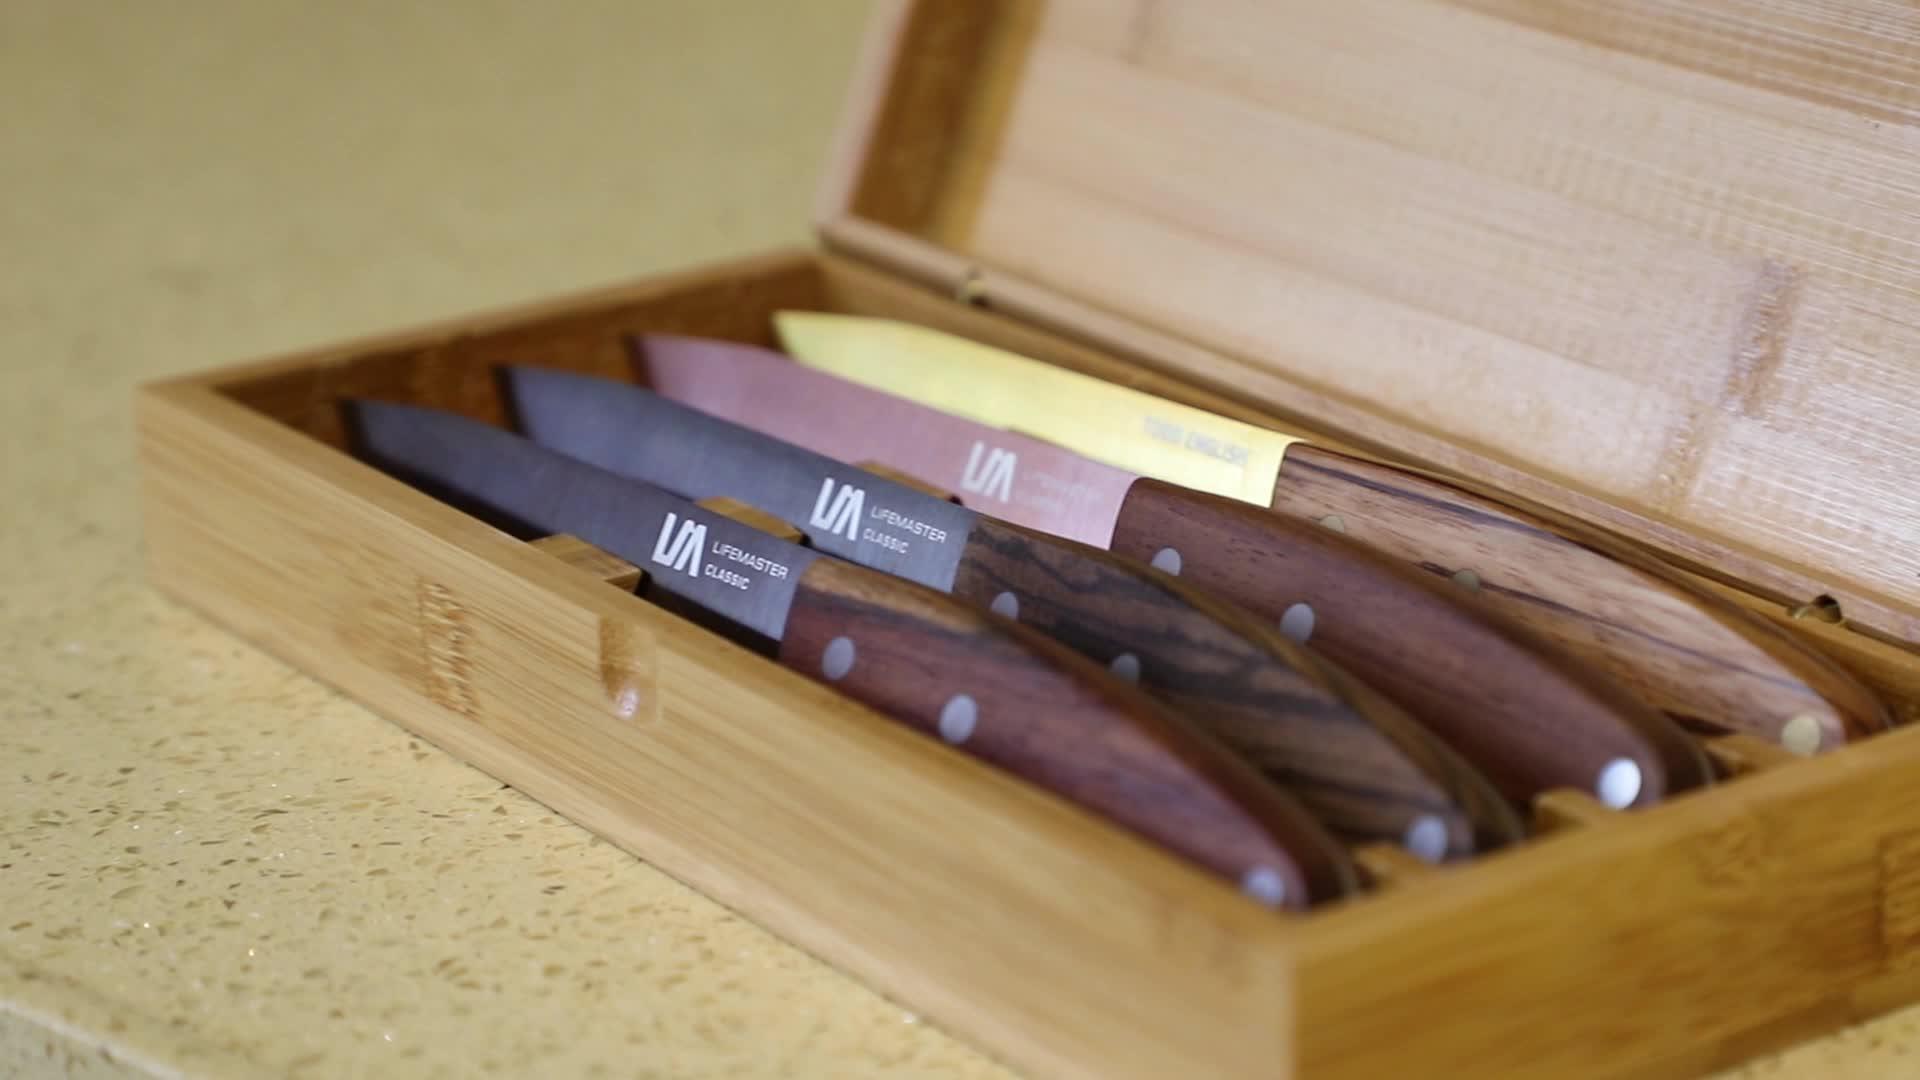 Manyetik Ahşap bıçak bloğu 14 Adet Özel Hat Bıçak Seti Japonya AUS 8 çelik bıçak takımı